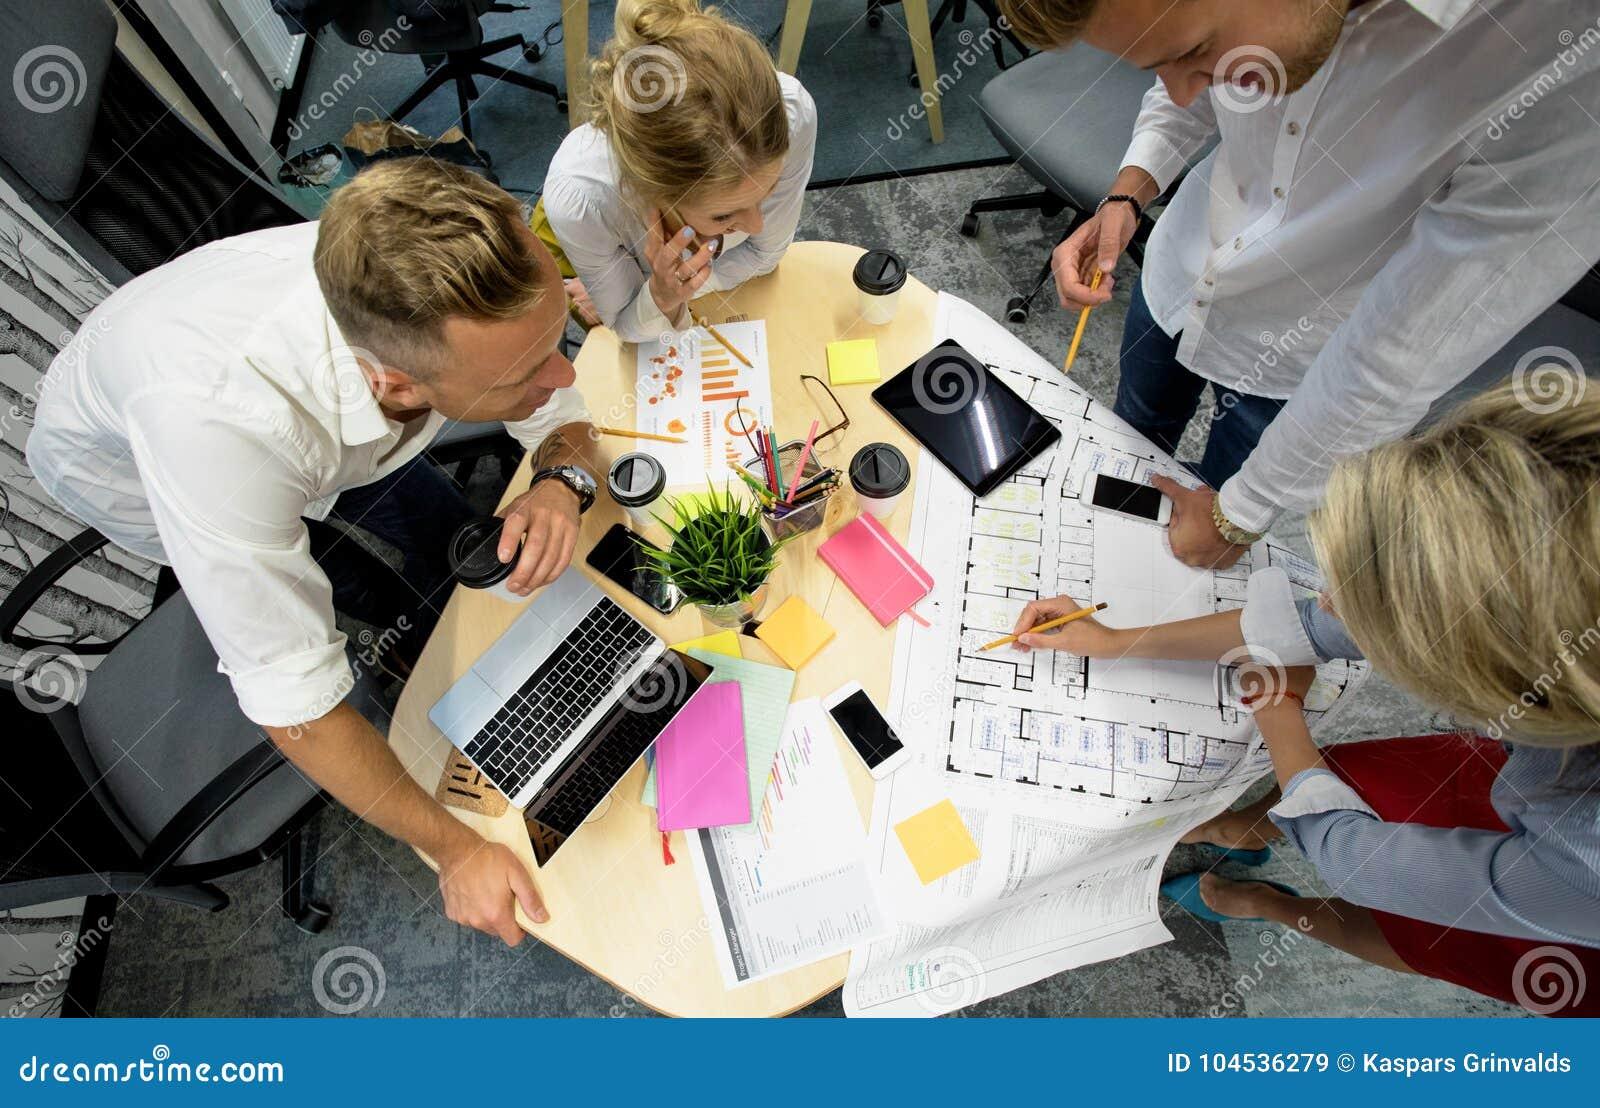 Grupo de gestores de projeto em torno da tabela